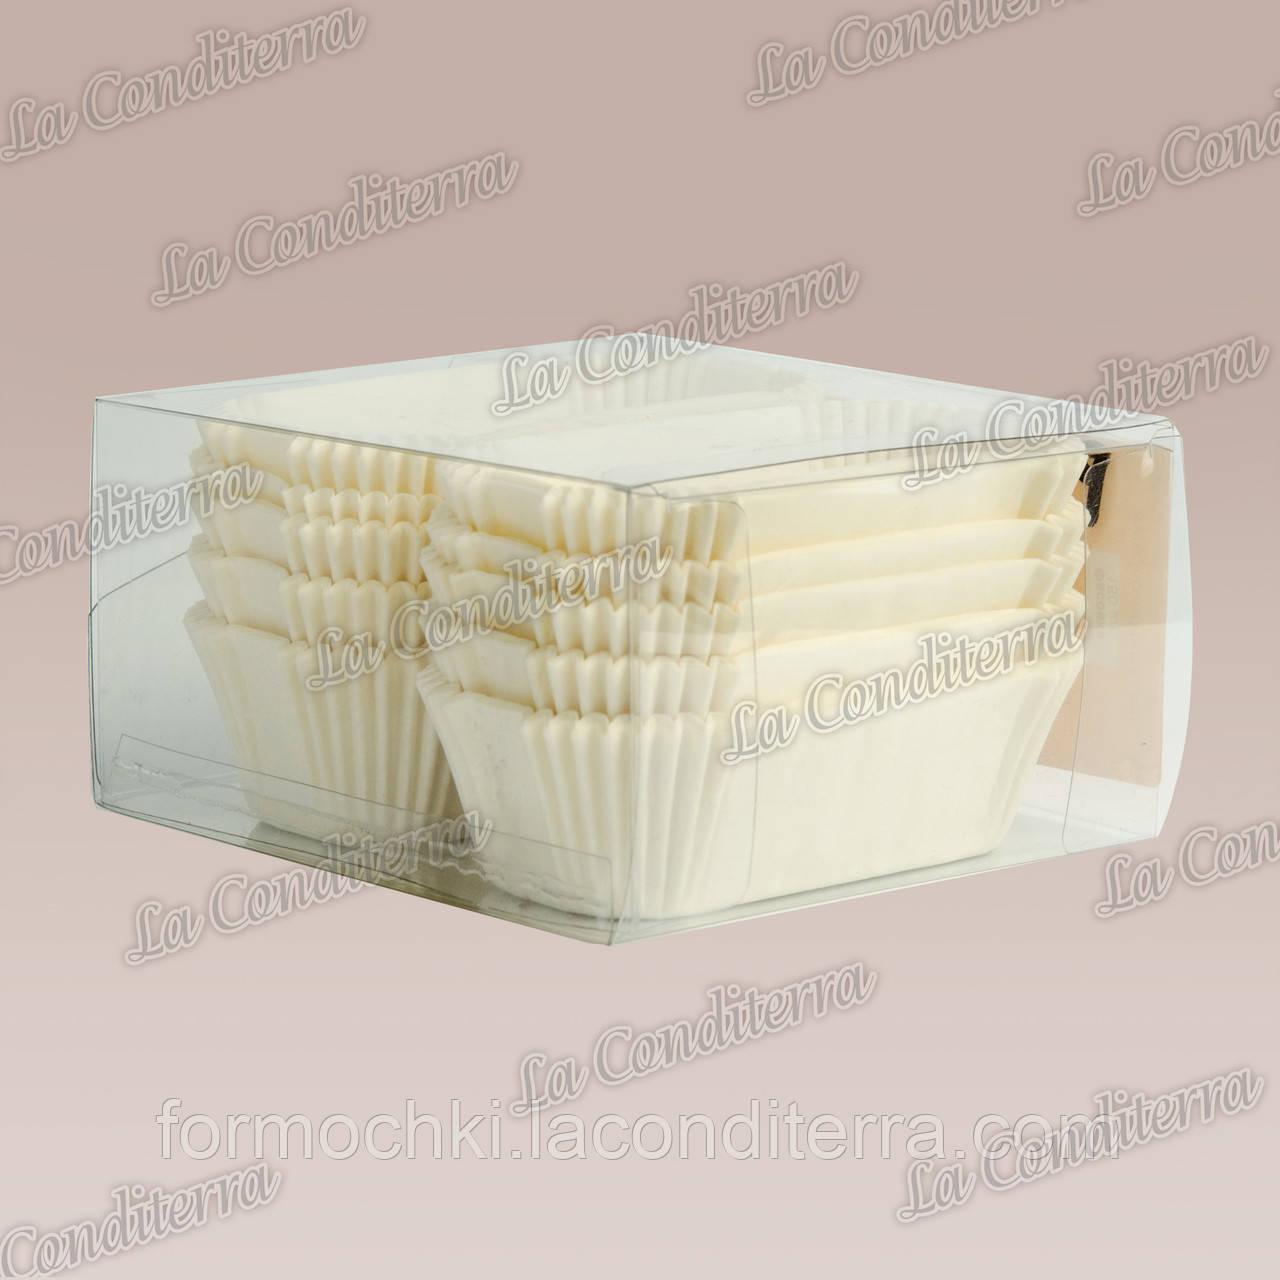 Форми для кексів Р8-ПУ (розмір дна - 80x35 мм), білі, 150 шт.